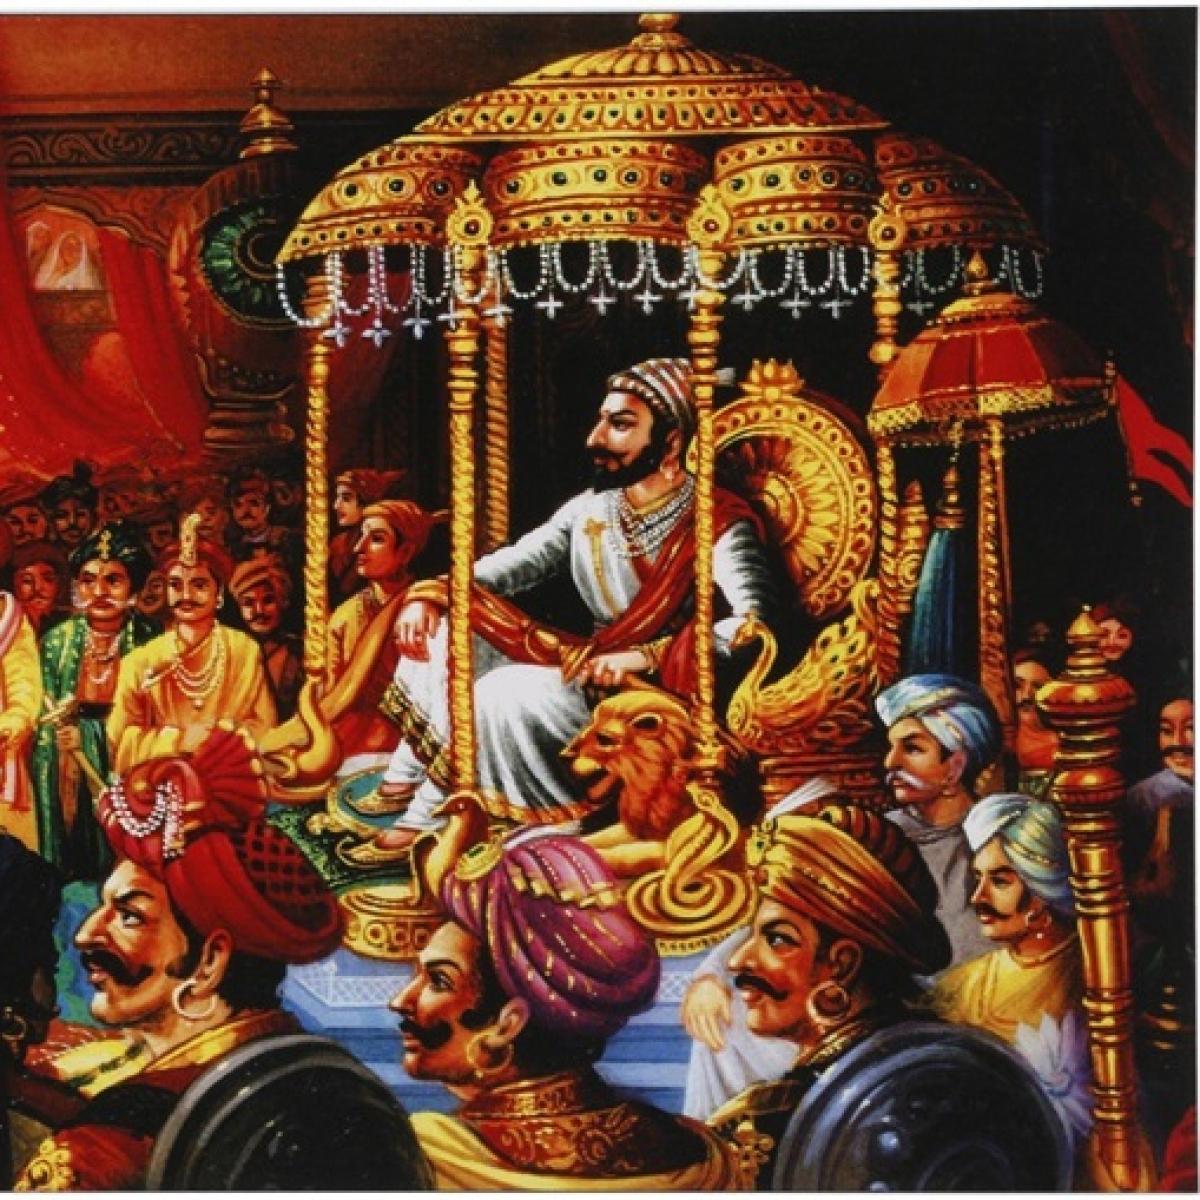 Chhatrapati Shivaji Maharaj Jayanti 2020: Wishes, WhatsApp messages in Marathi, Hindi and English